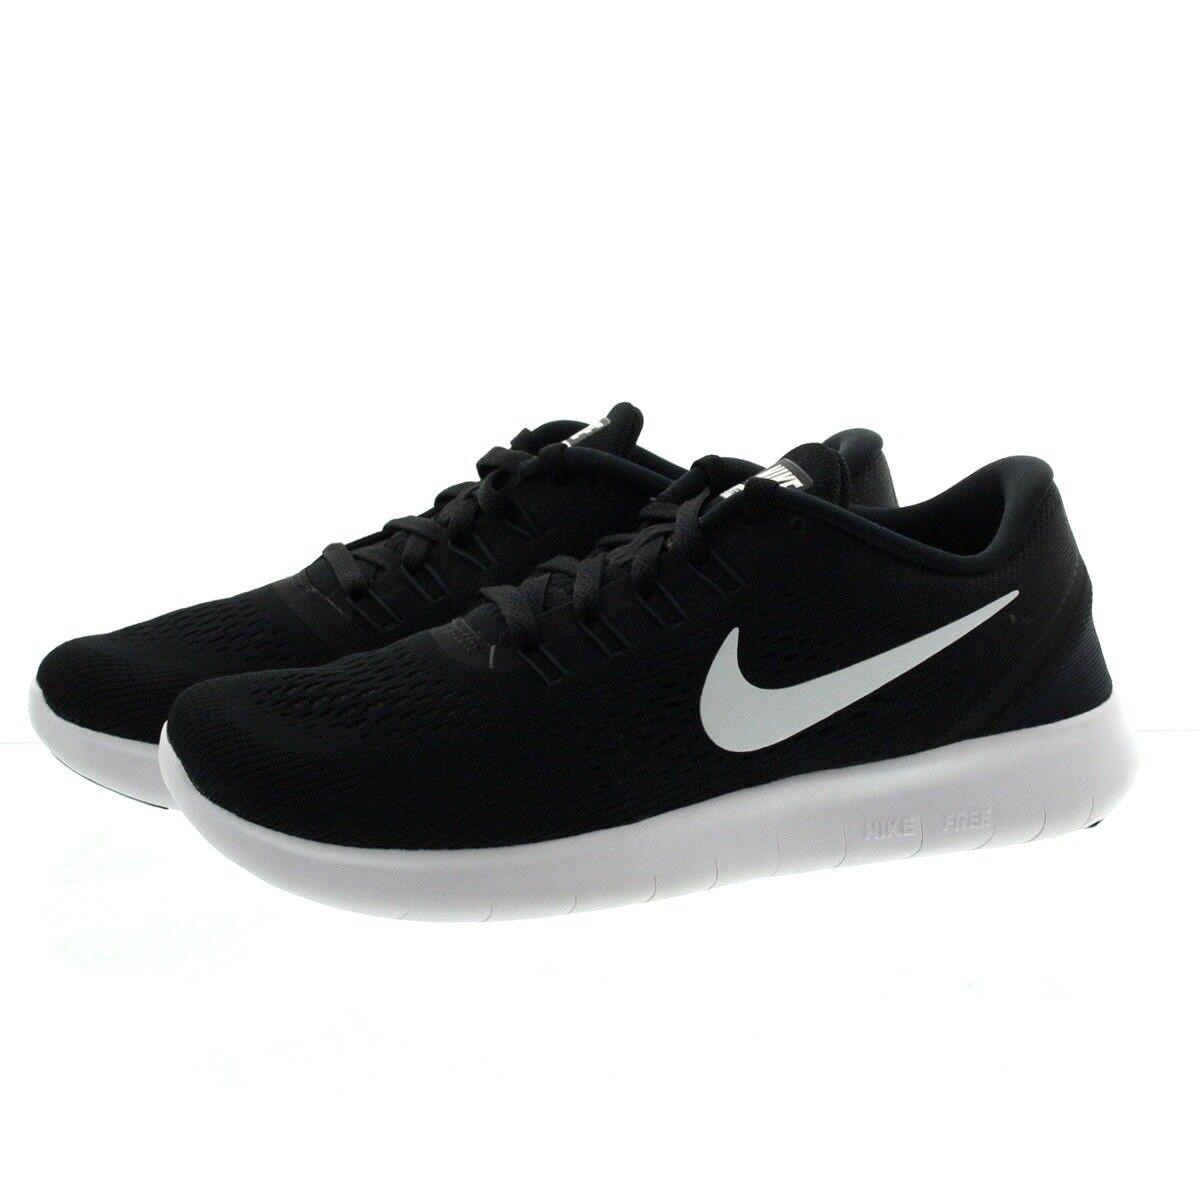 sale retailer 05a37 1ad88 ... usa nike 831509 womens free rn lightweight flexible lightweight rn  performance running shoe sneaker b4ff25 c2598